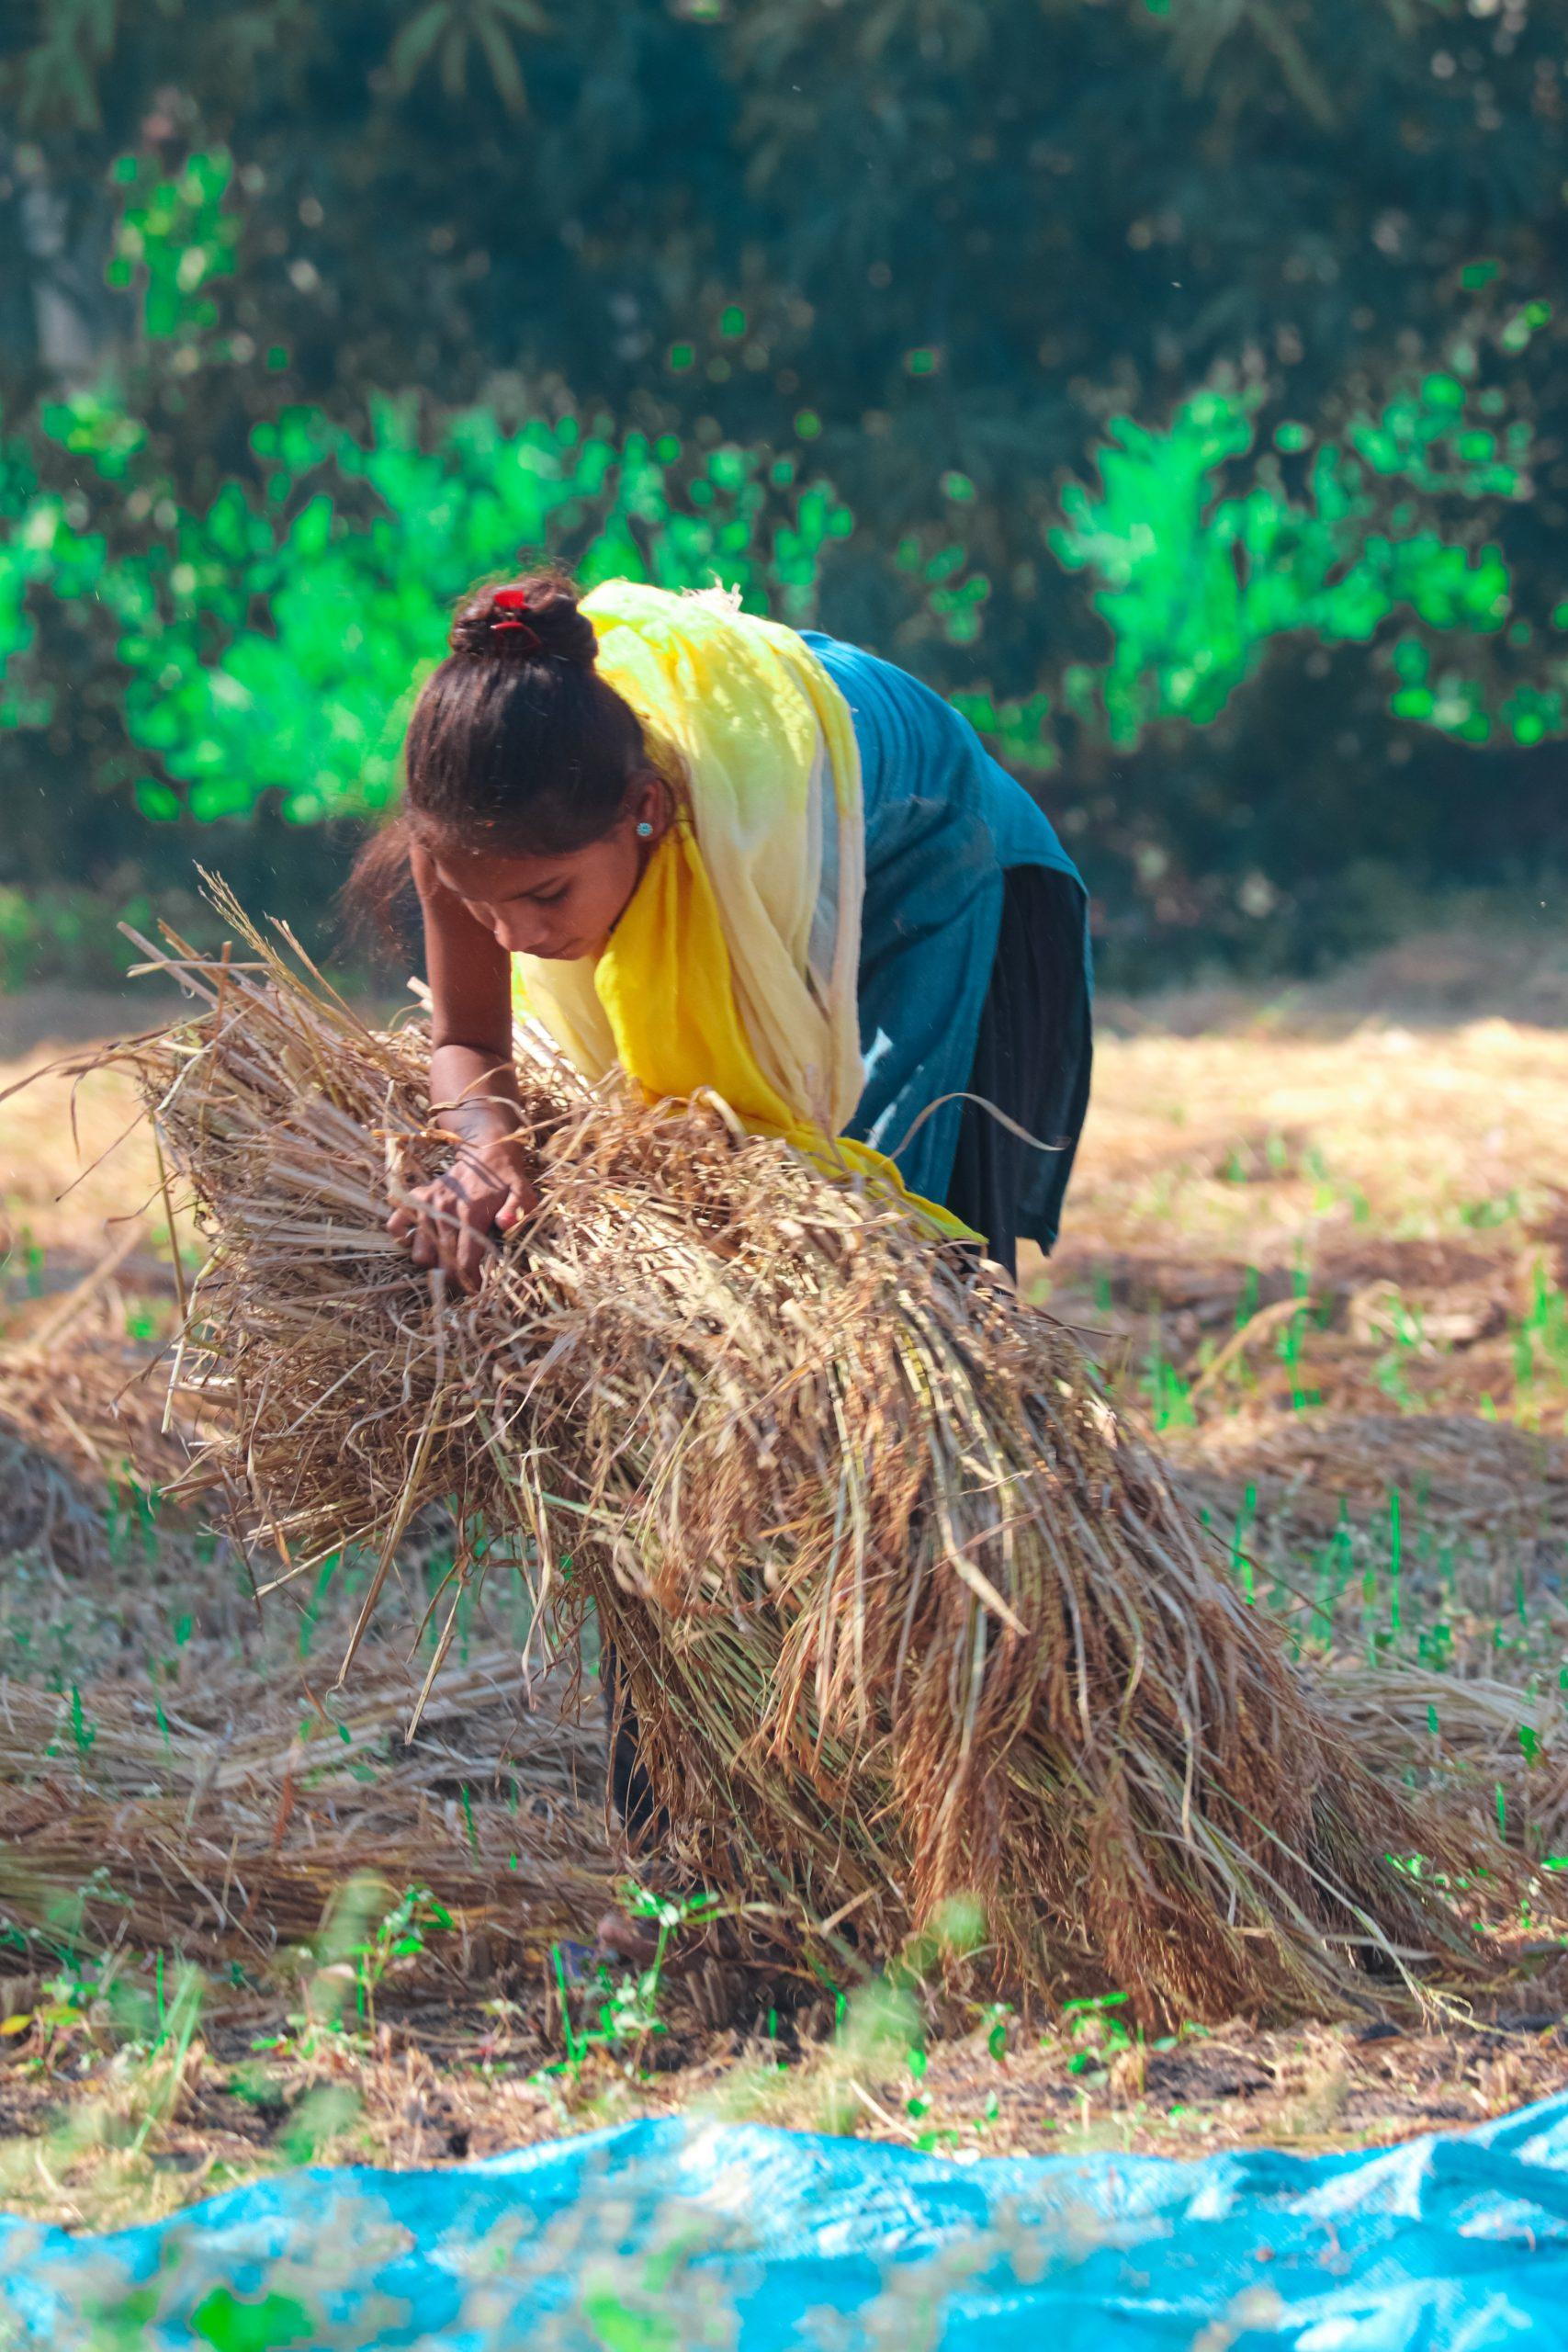 A village girl lifting grass